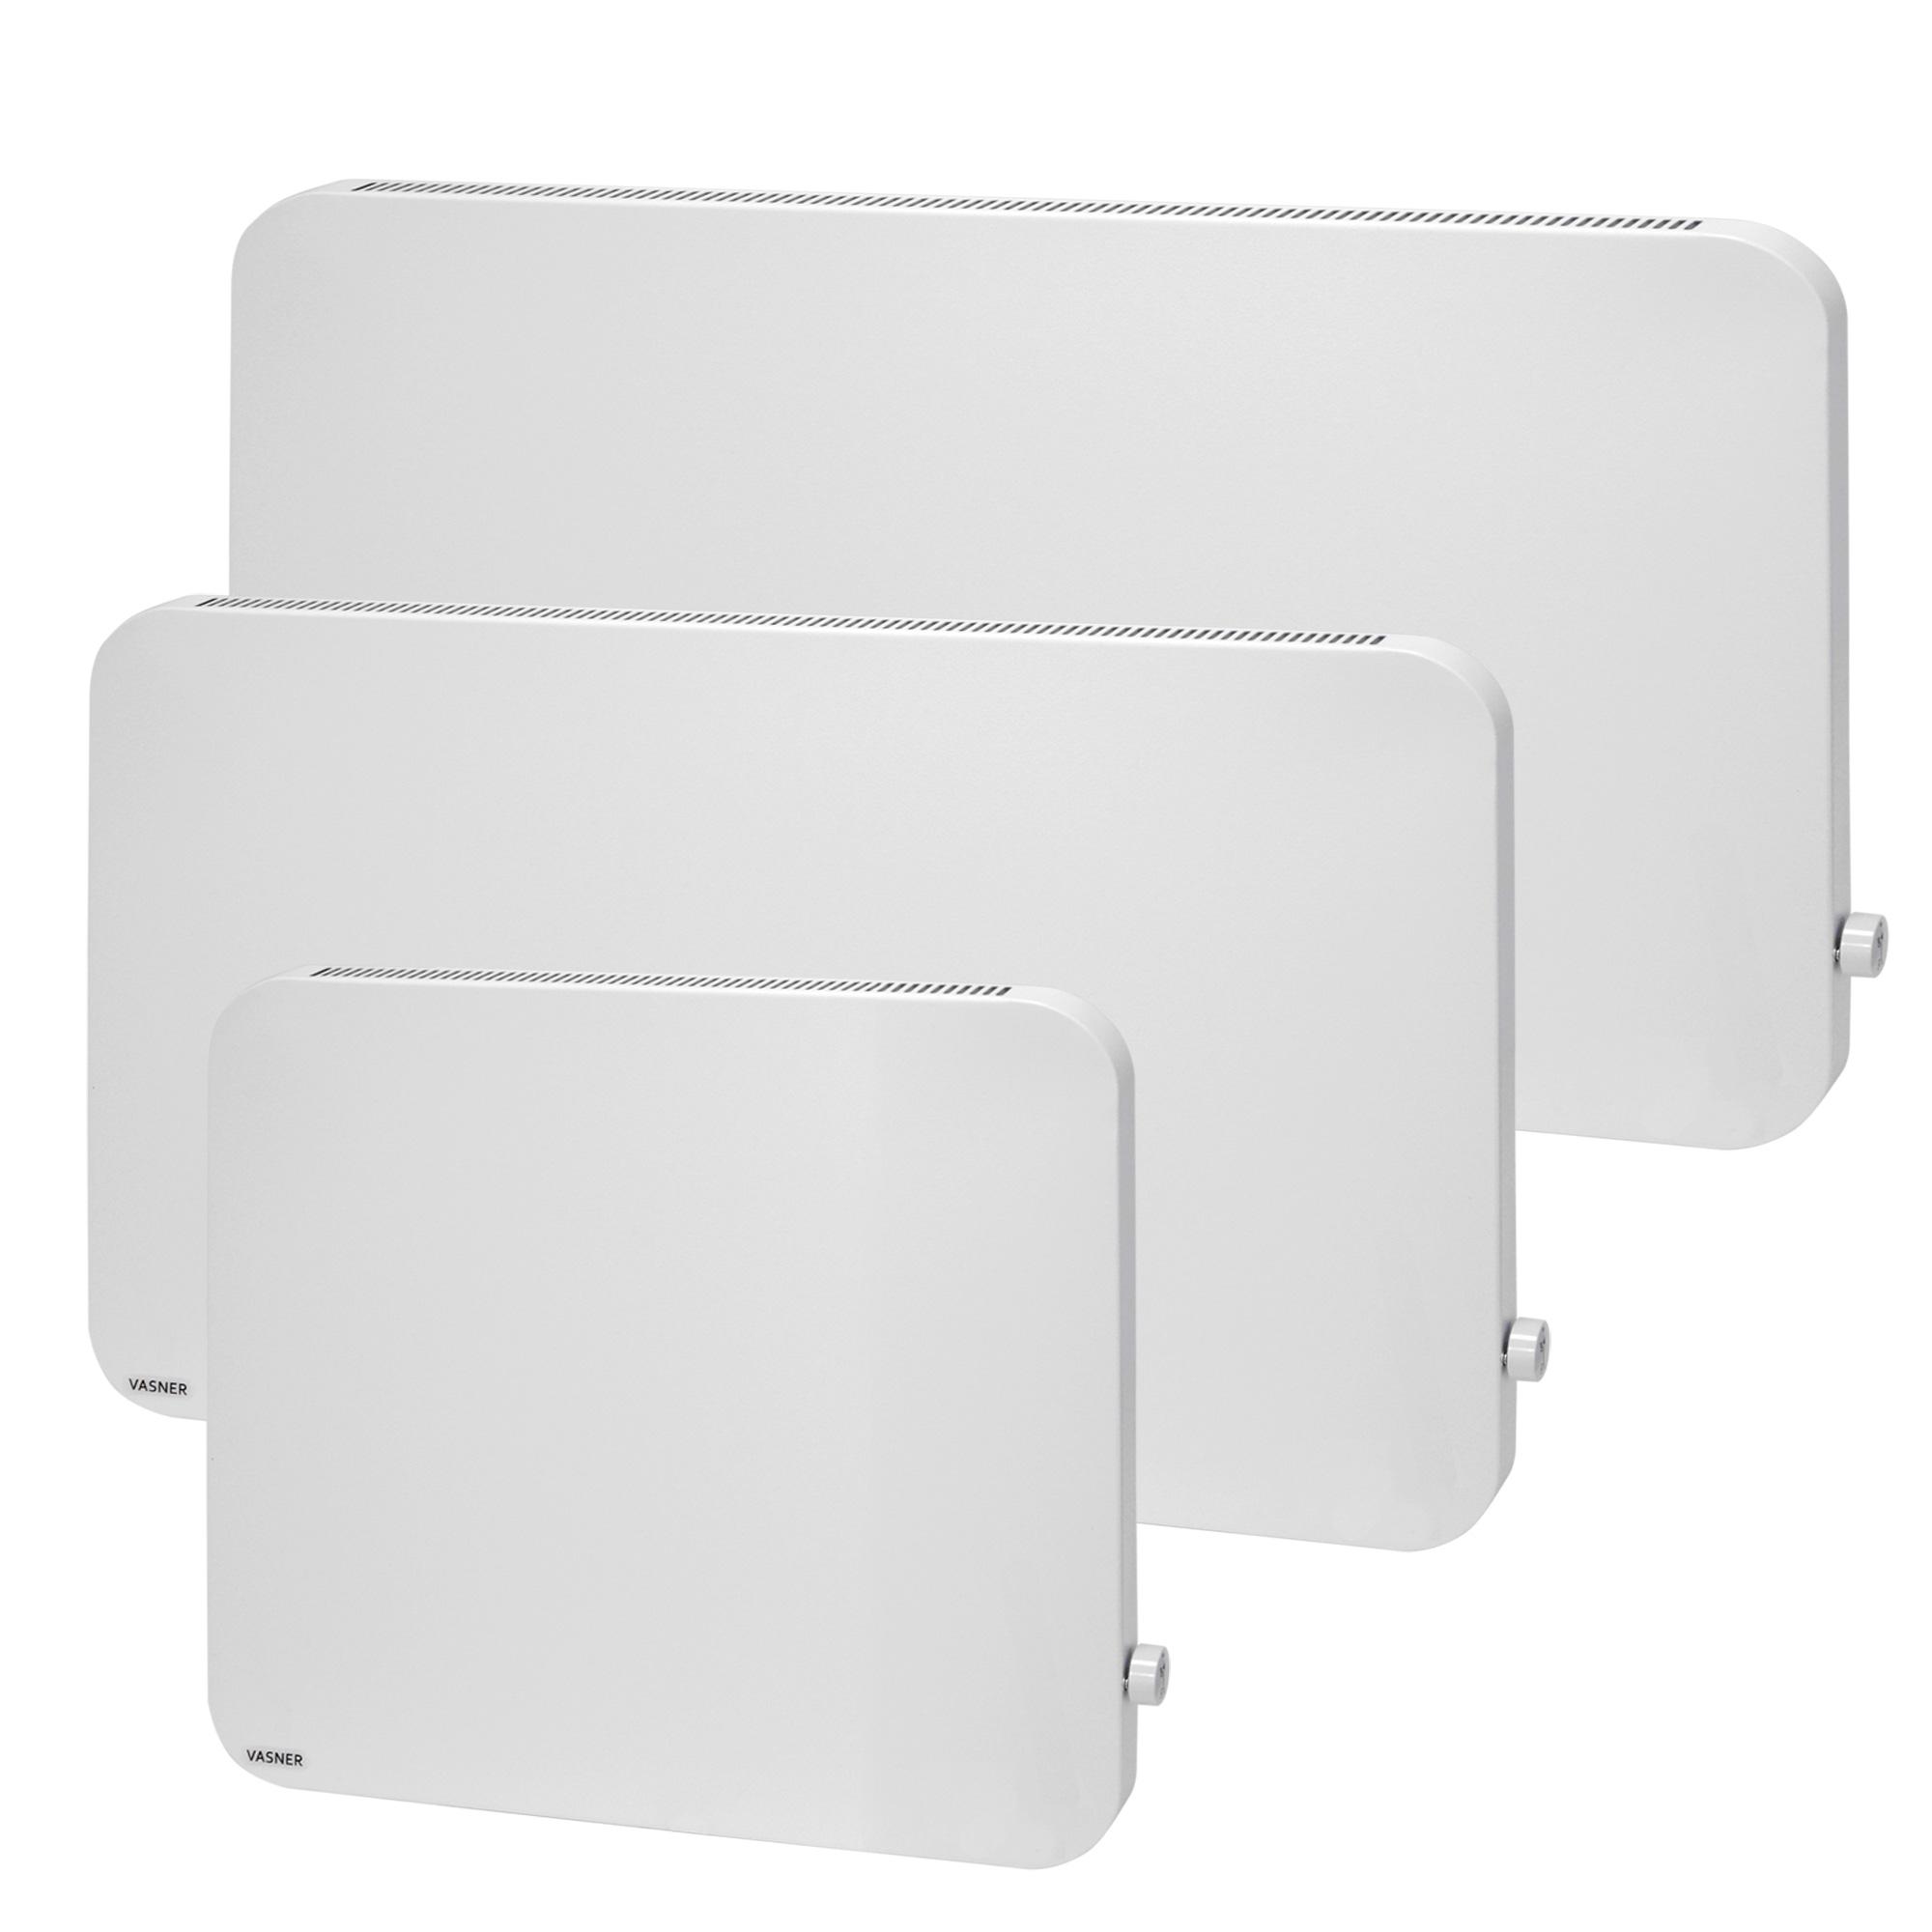 Elektroheizung mit Thermostat Infrarot + Warmluft